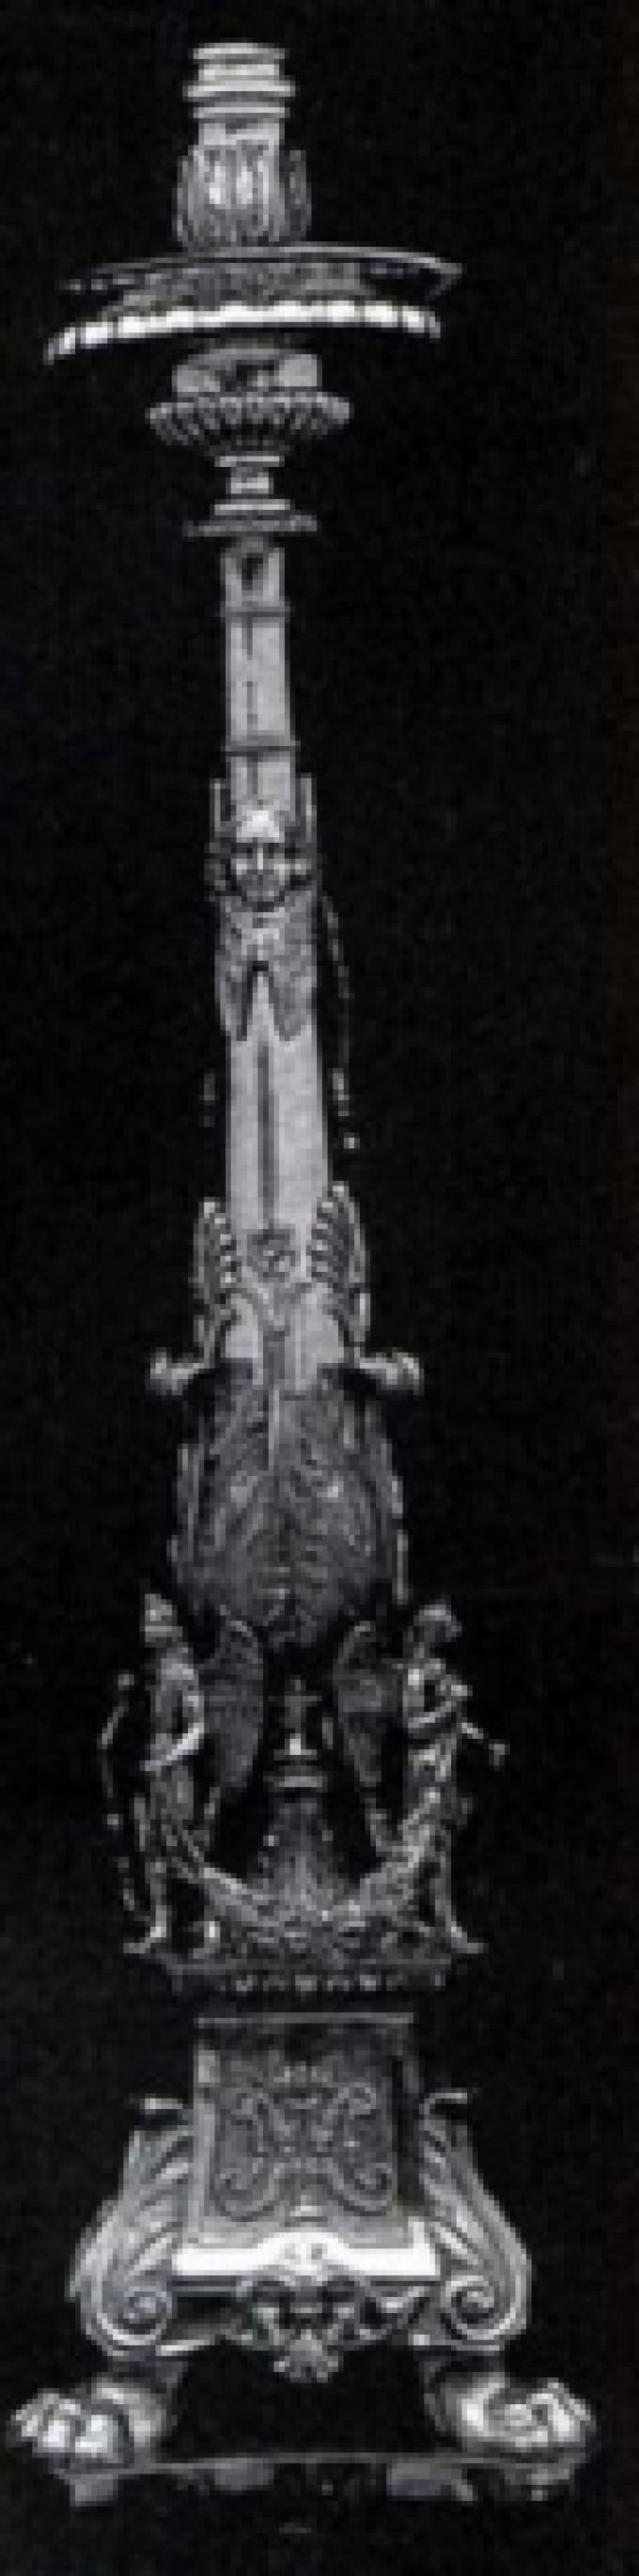 Gli arredi sacri dell abbazia di grottaferrata 3 i for Arredi sacri roma